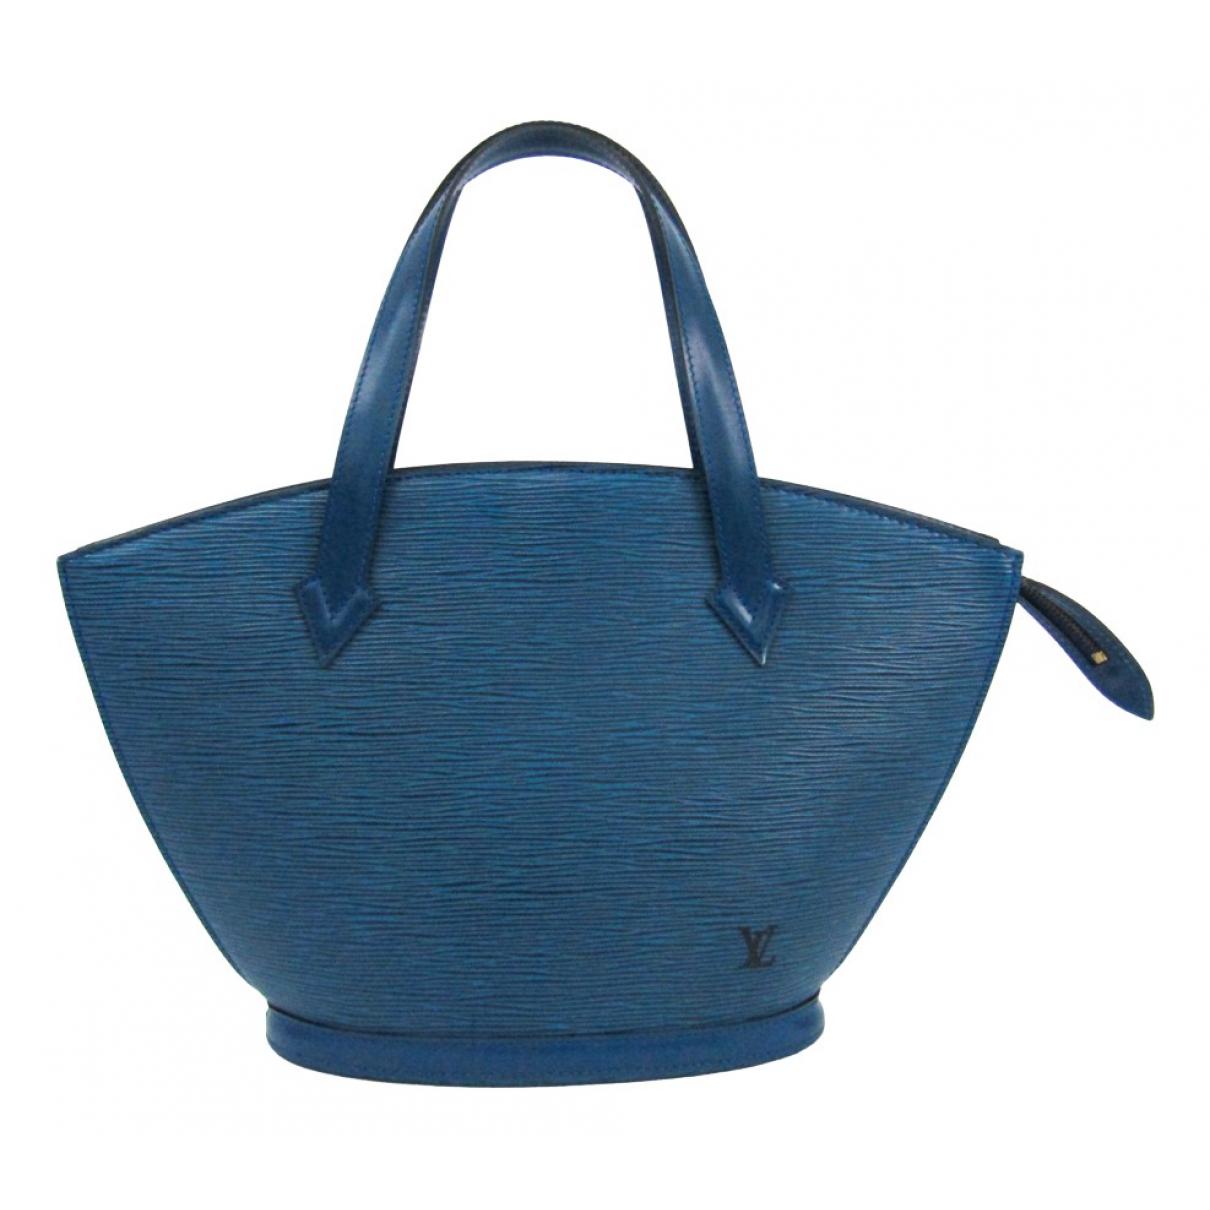 Louis Vuitton Saint Jacques Blue Leather handbag for Women N